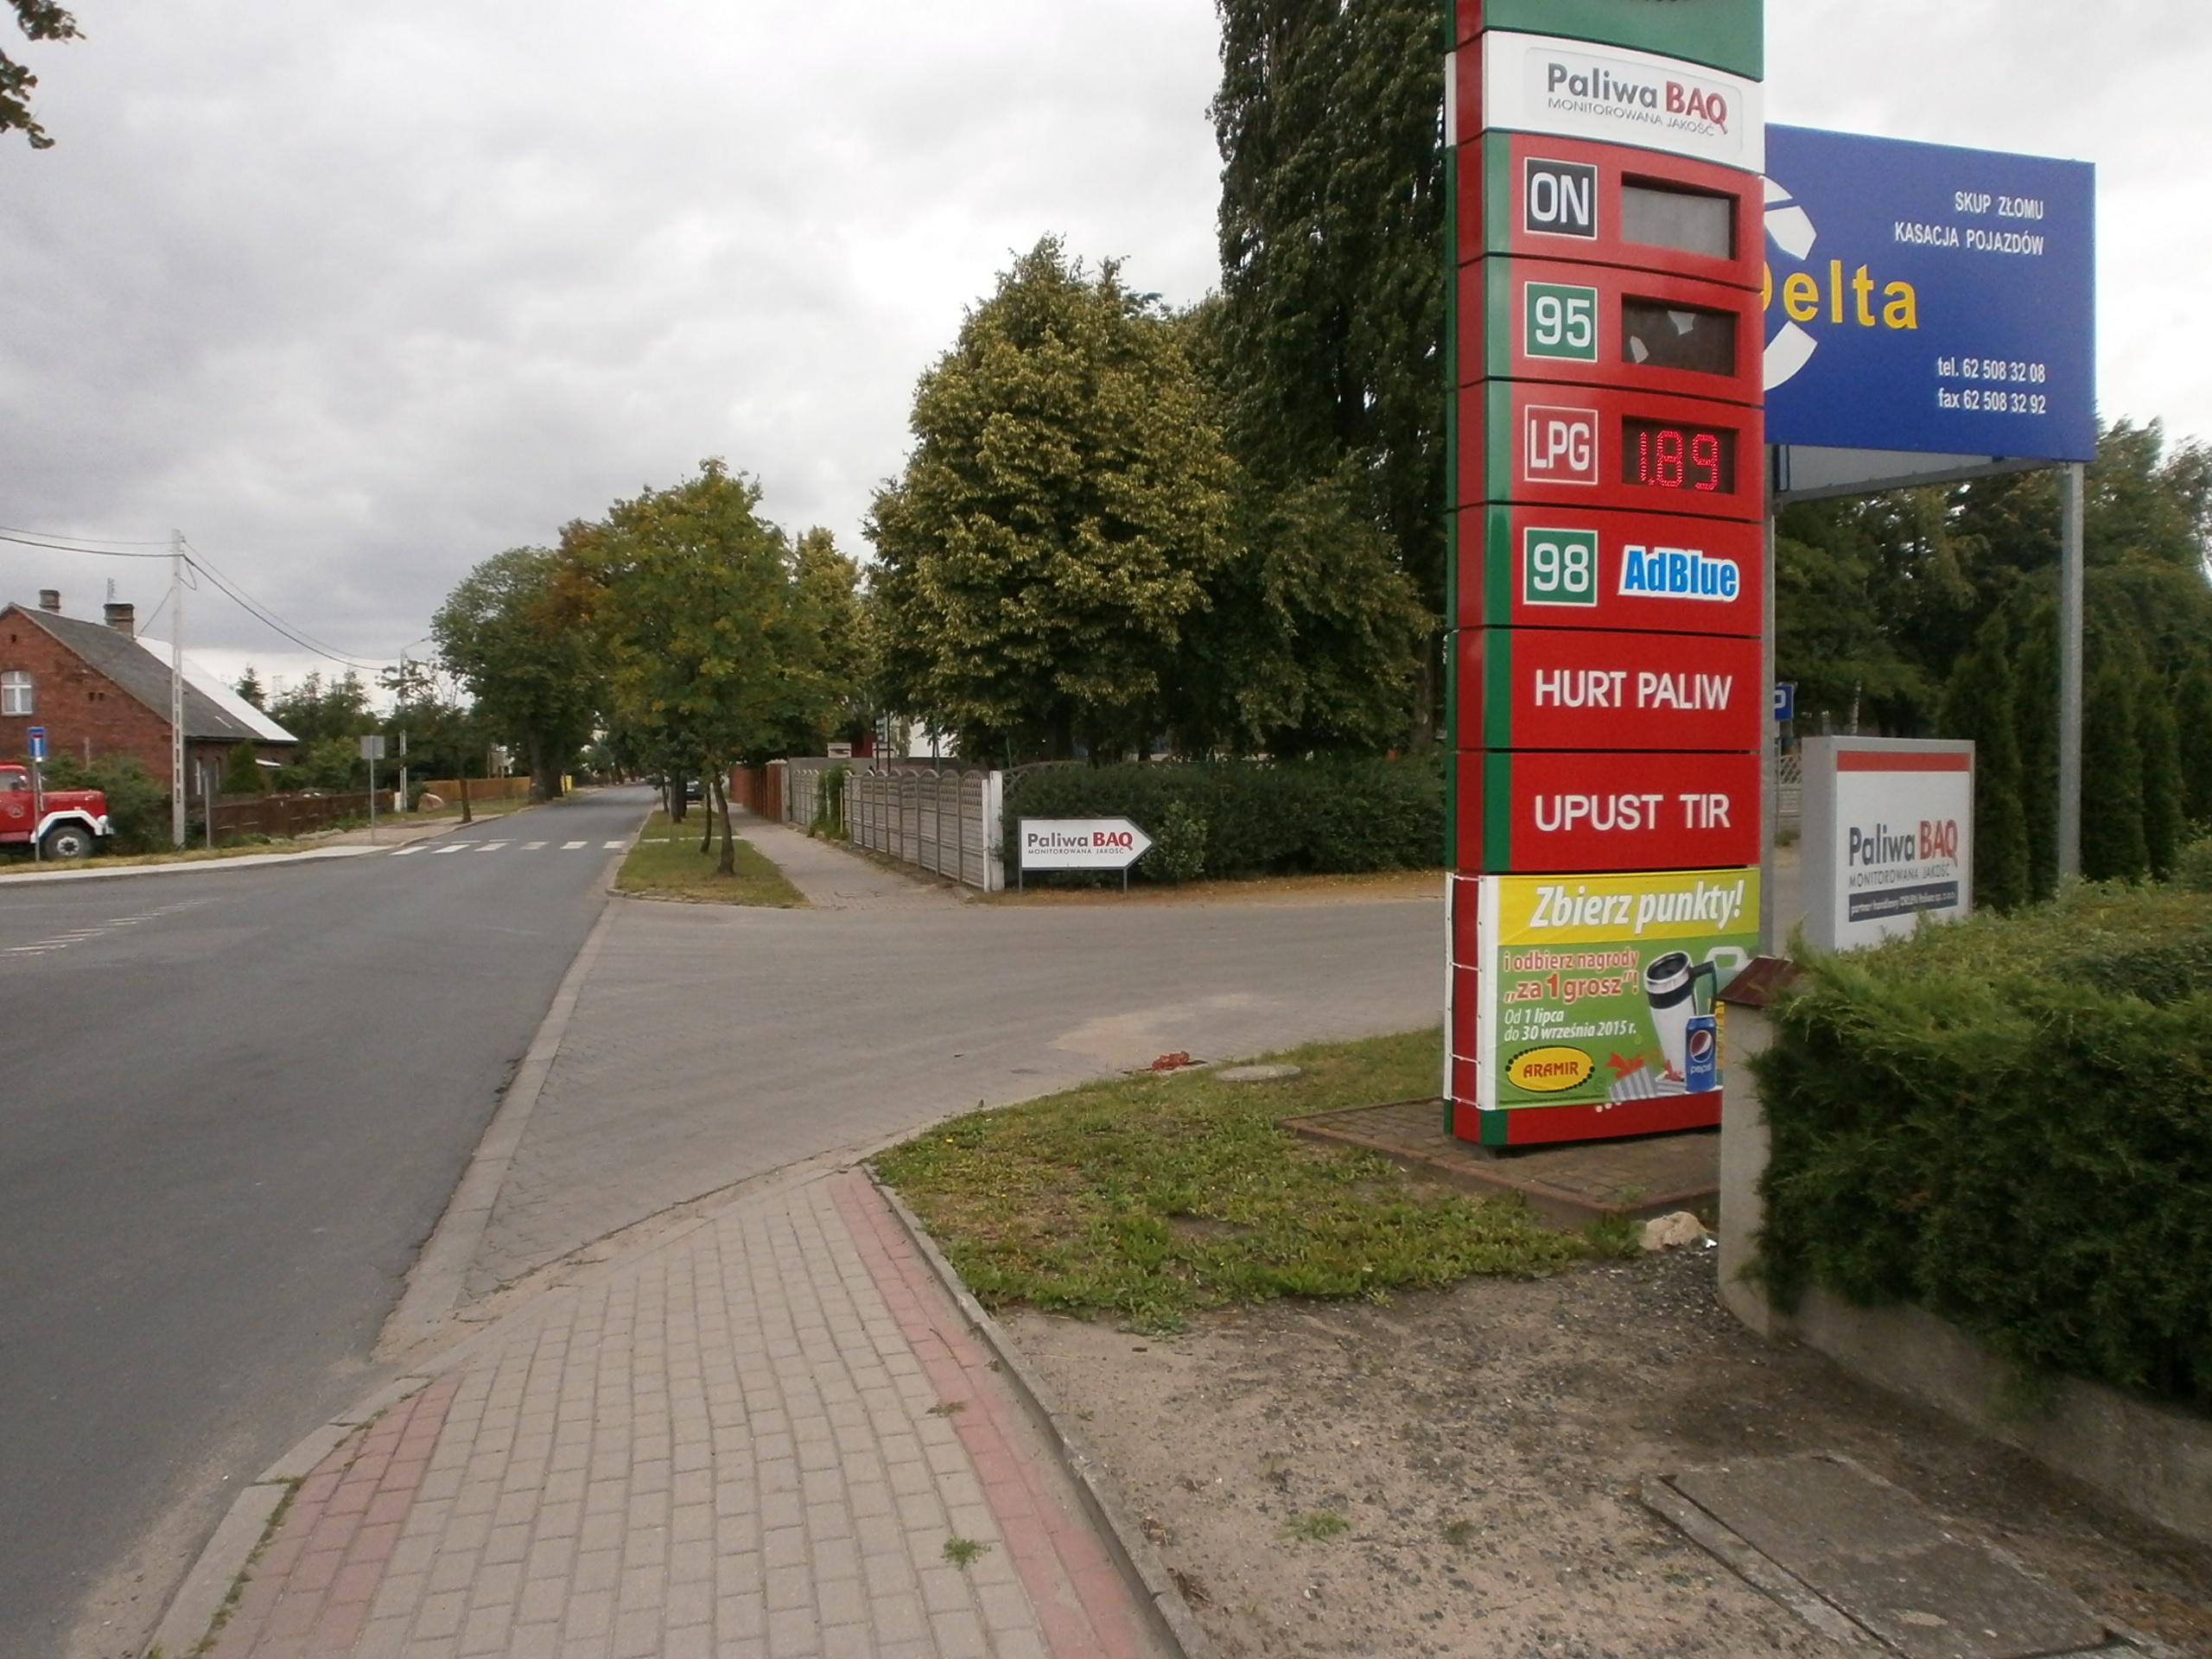 Wjazd na stację benzynową